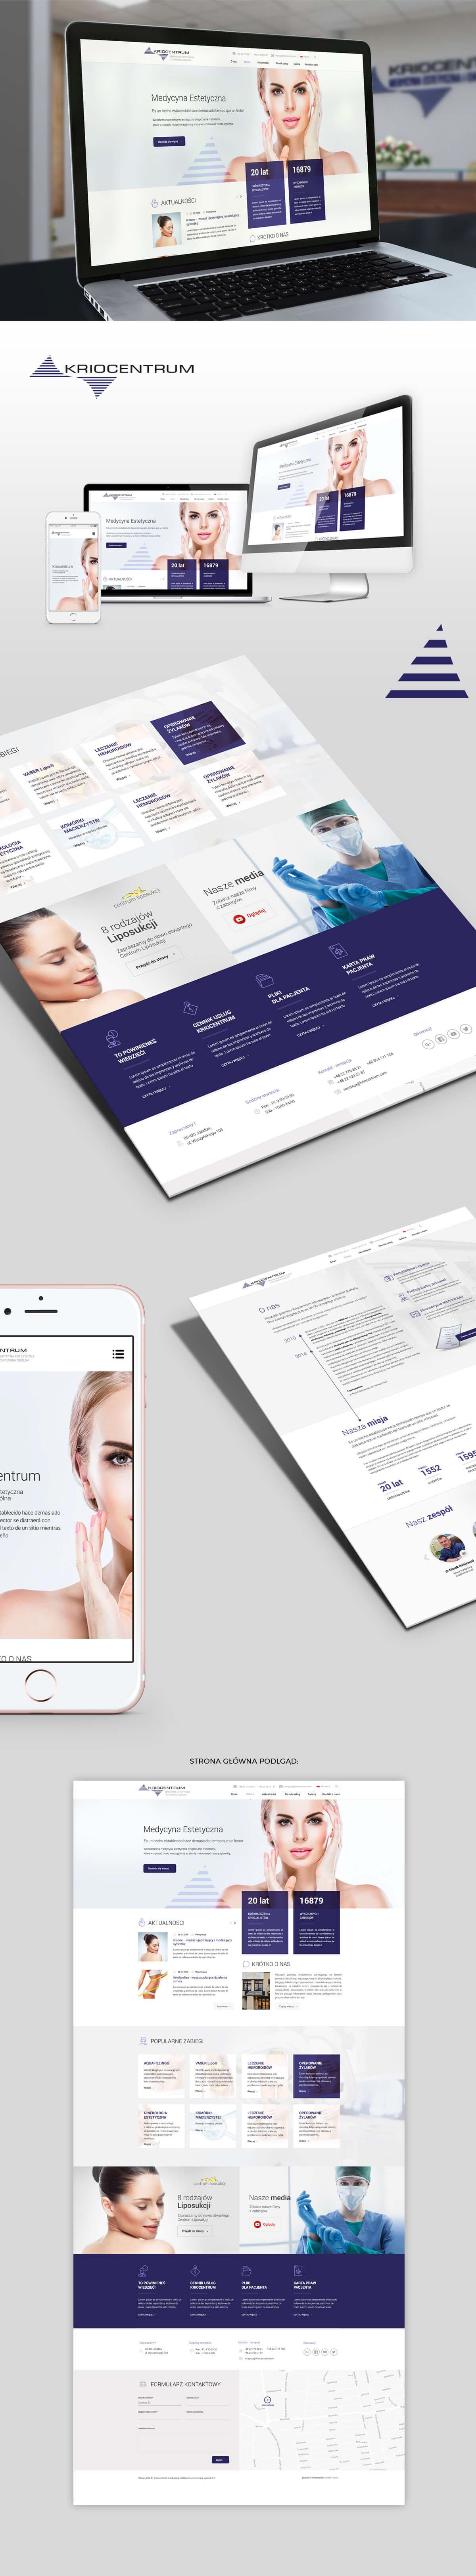 Medical Clinic Webdesign Website Clicic Strony Internetowe strony www strona internetowa strona www klinika medyczna